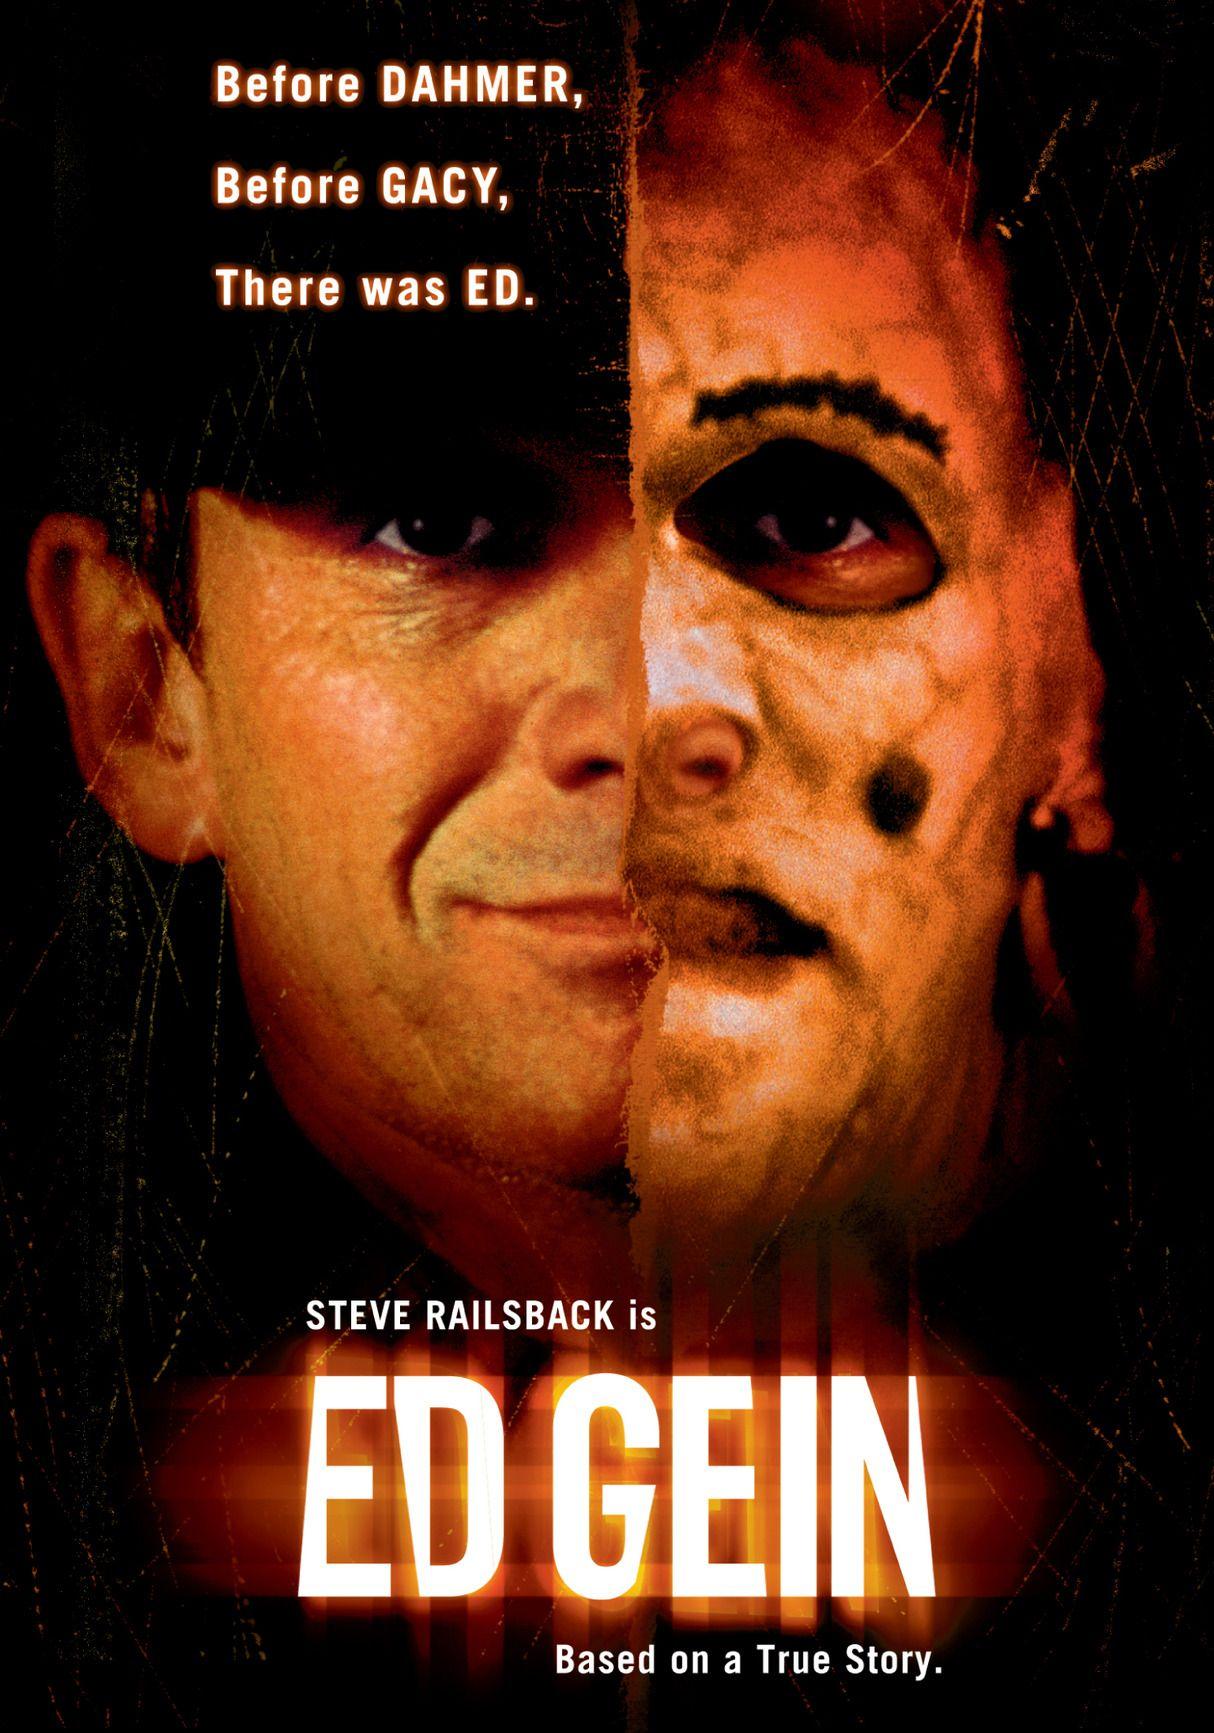 Ed Gein 2000 Movie Review Horror Movie Posters Documentaries Serial Killers